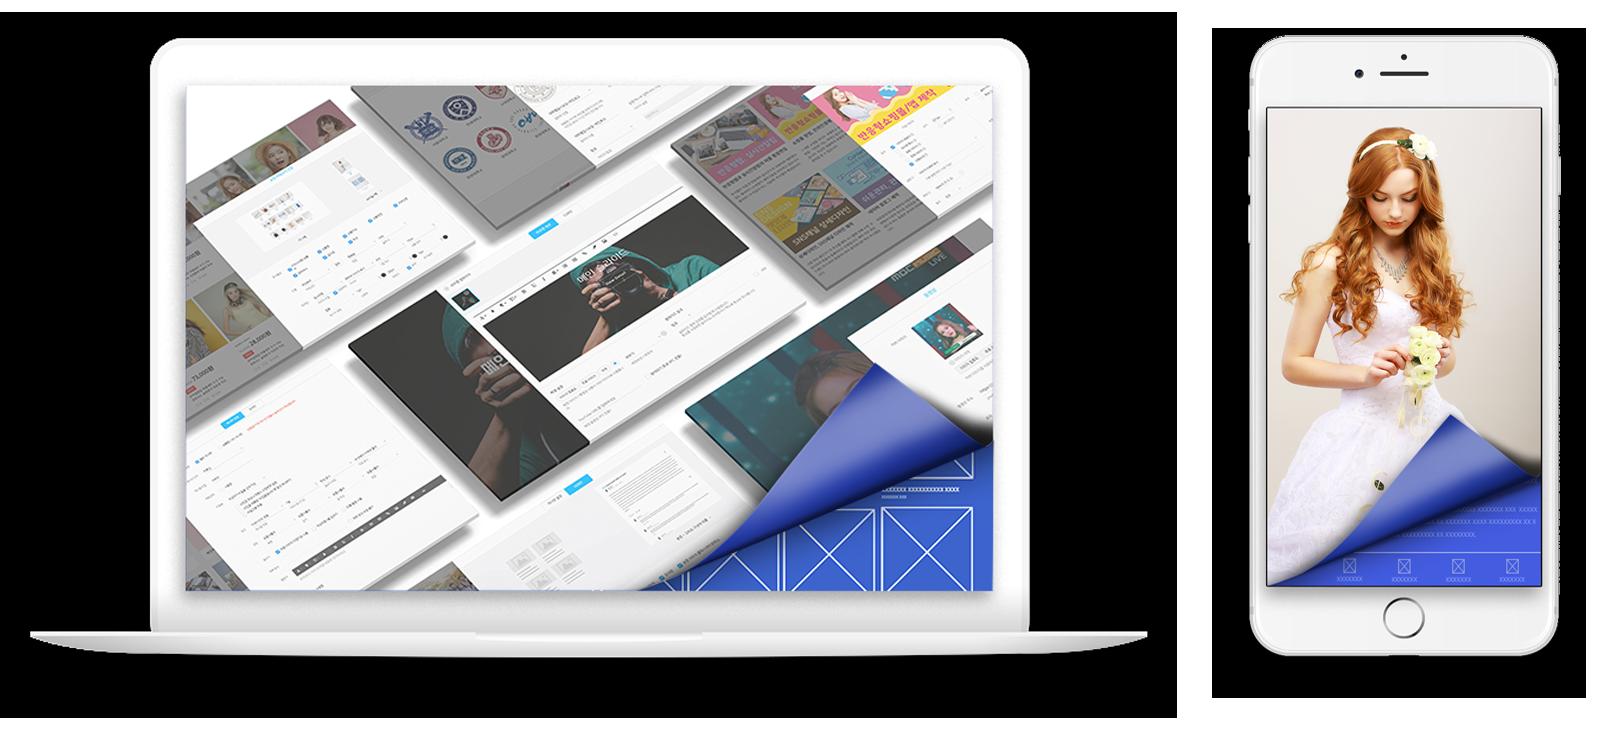 홈페이지수정,디자인모드